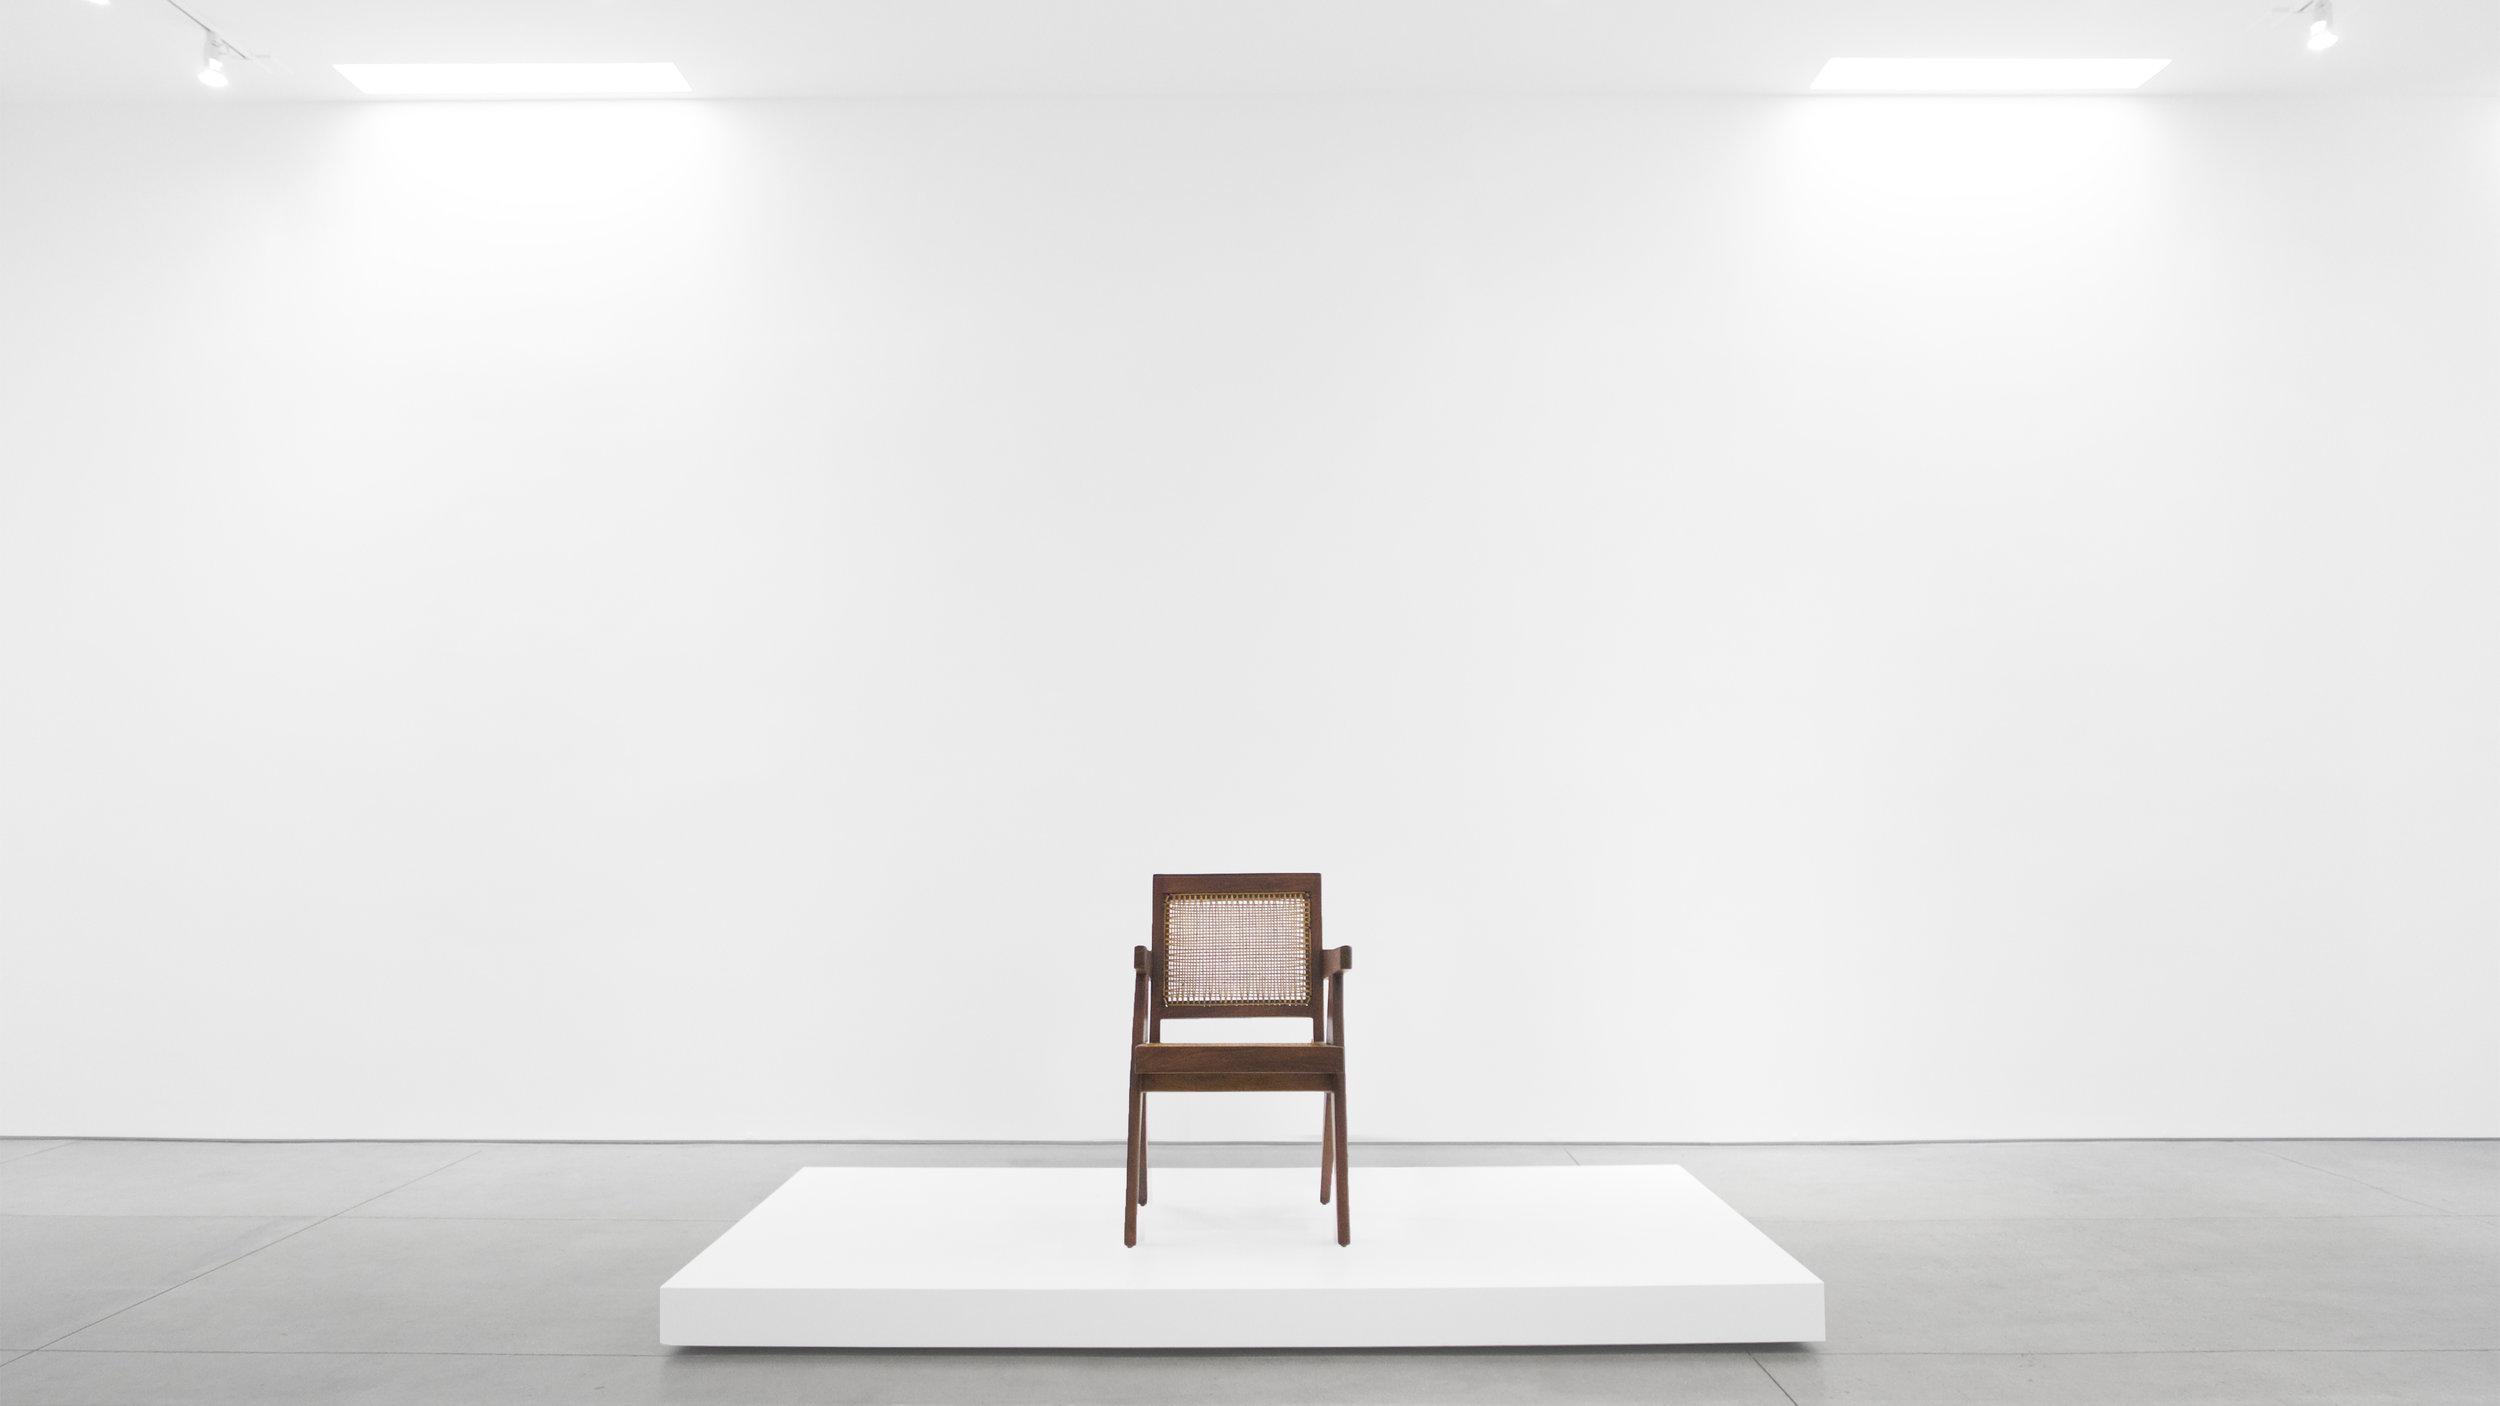 Jeanneret_L1060843-1edit chair larger.jpg